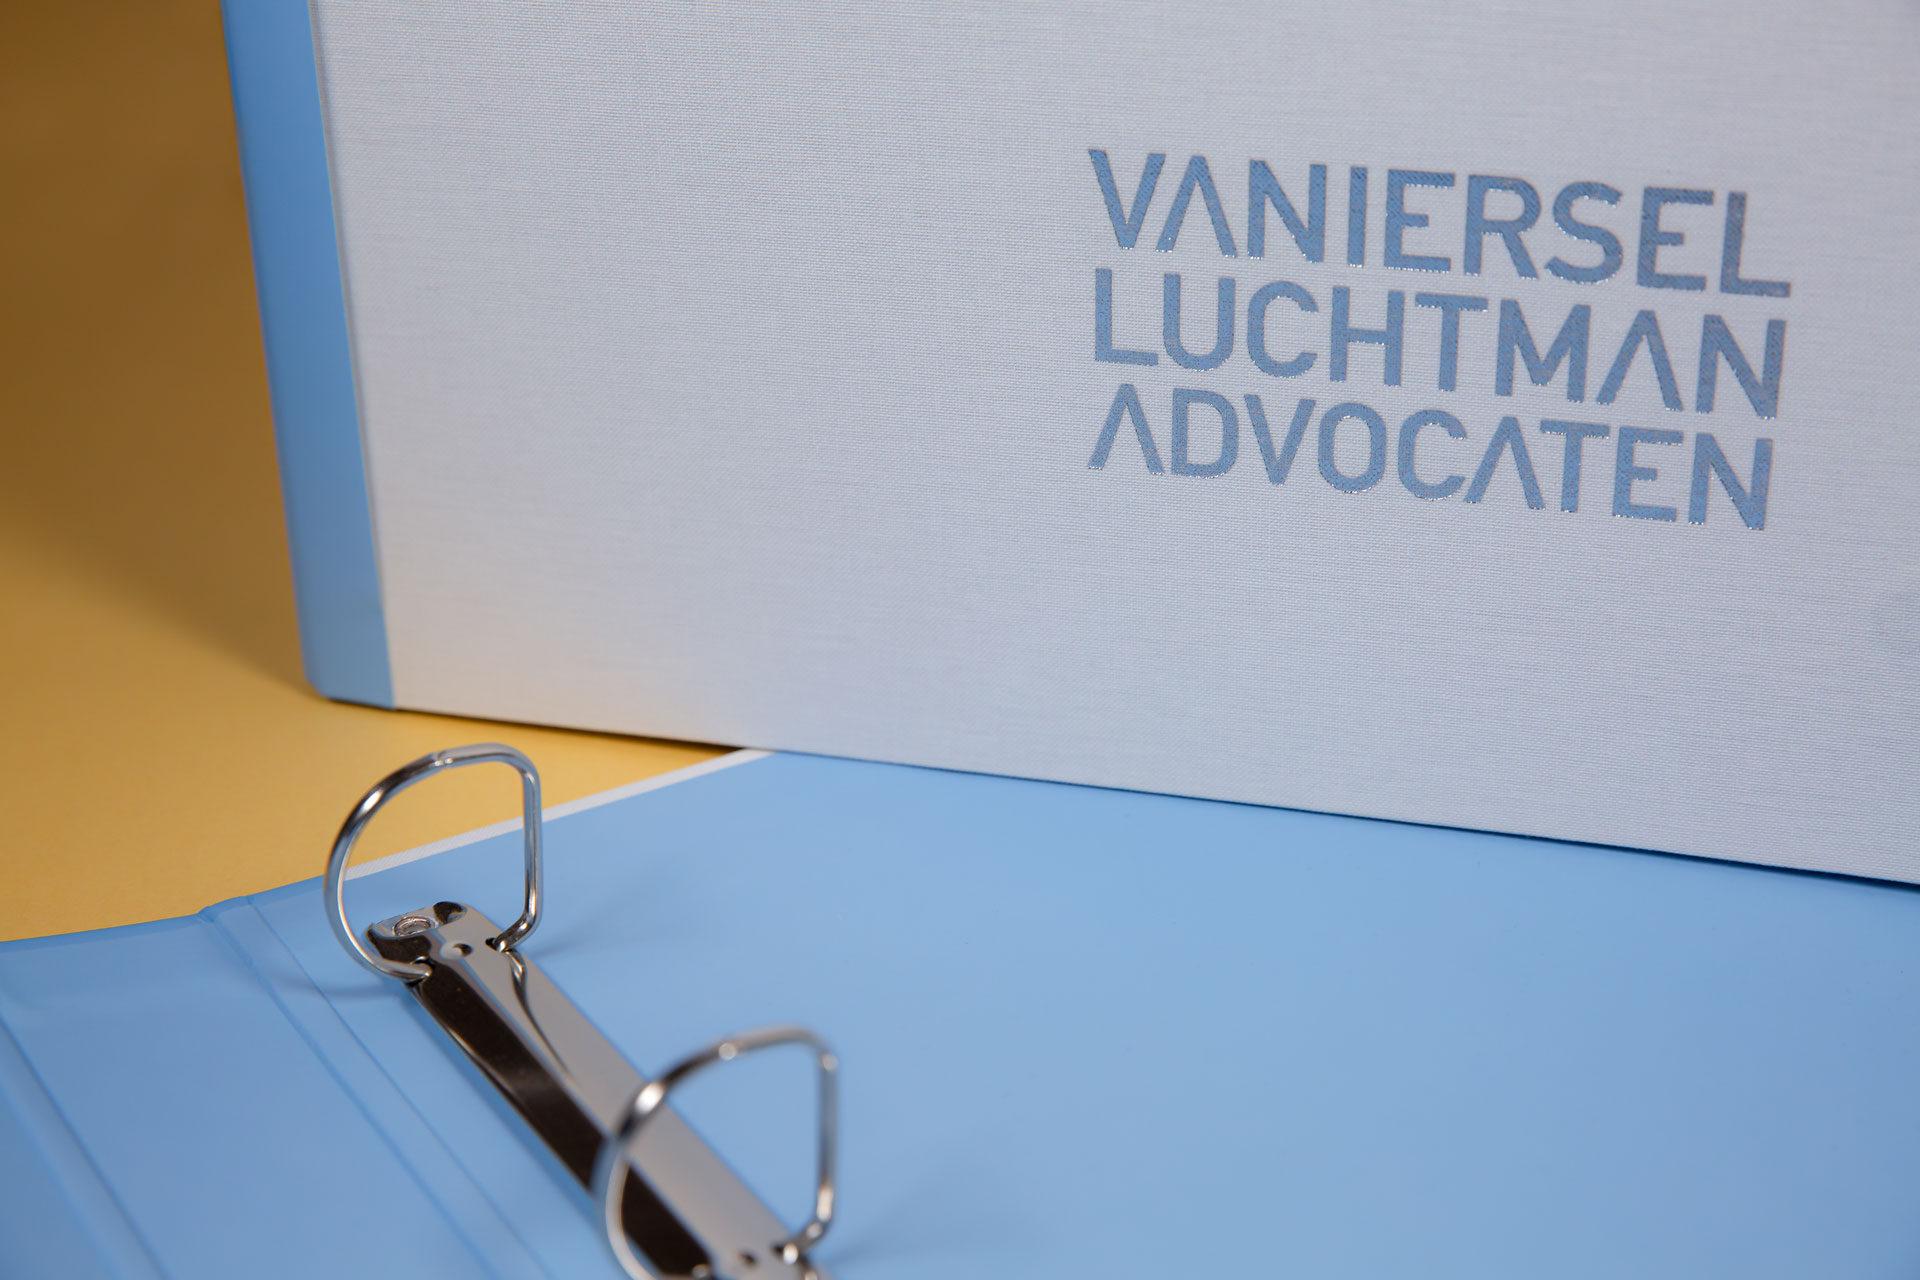 halflinnen Magneetringbanden set van Iersel Luchtman Advocaten